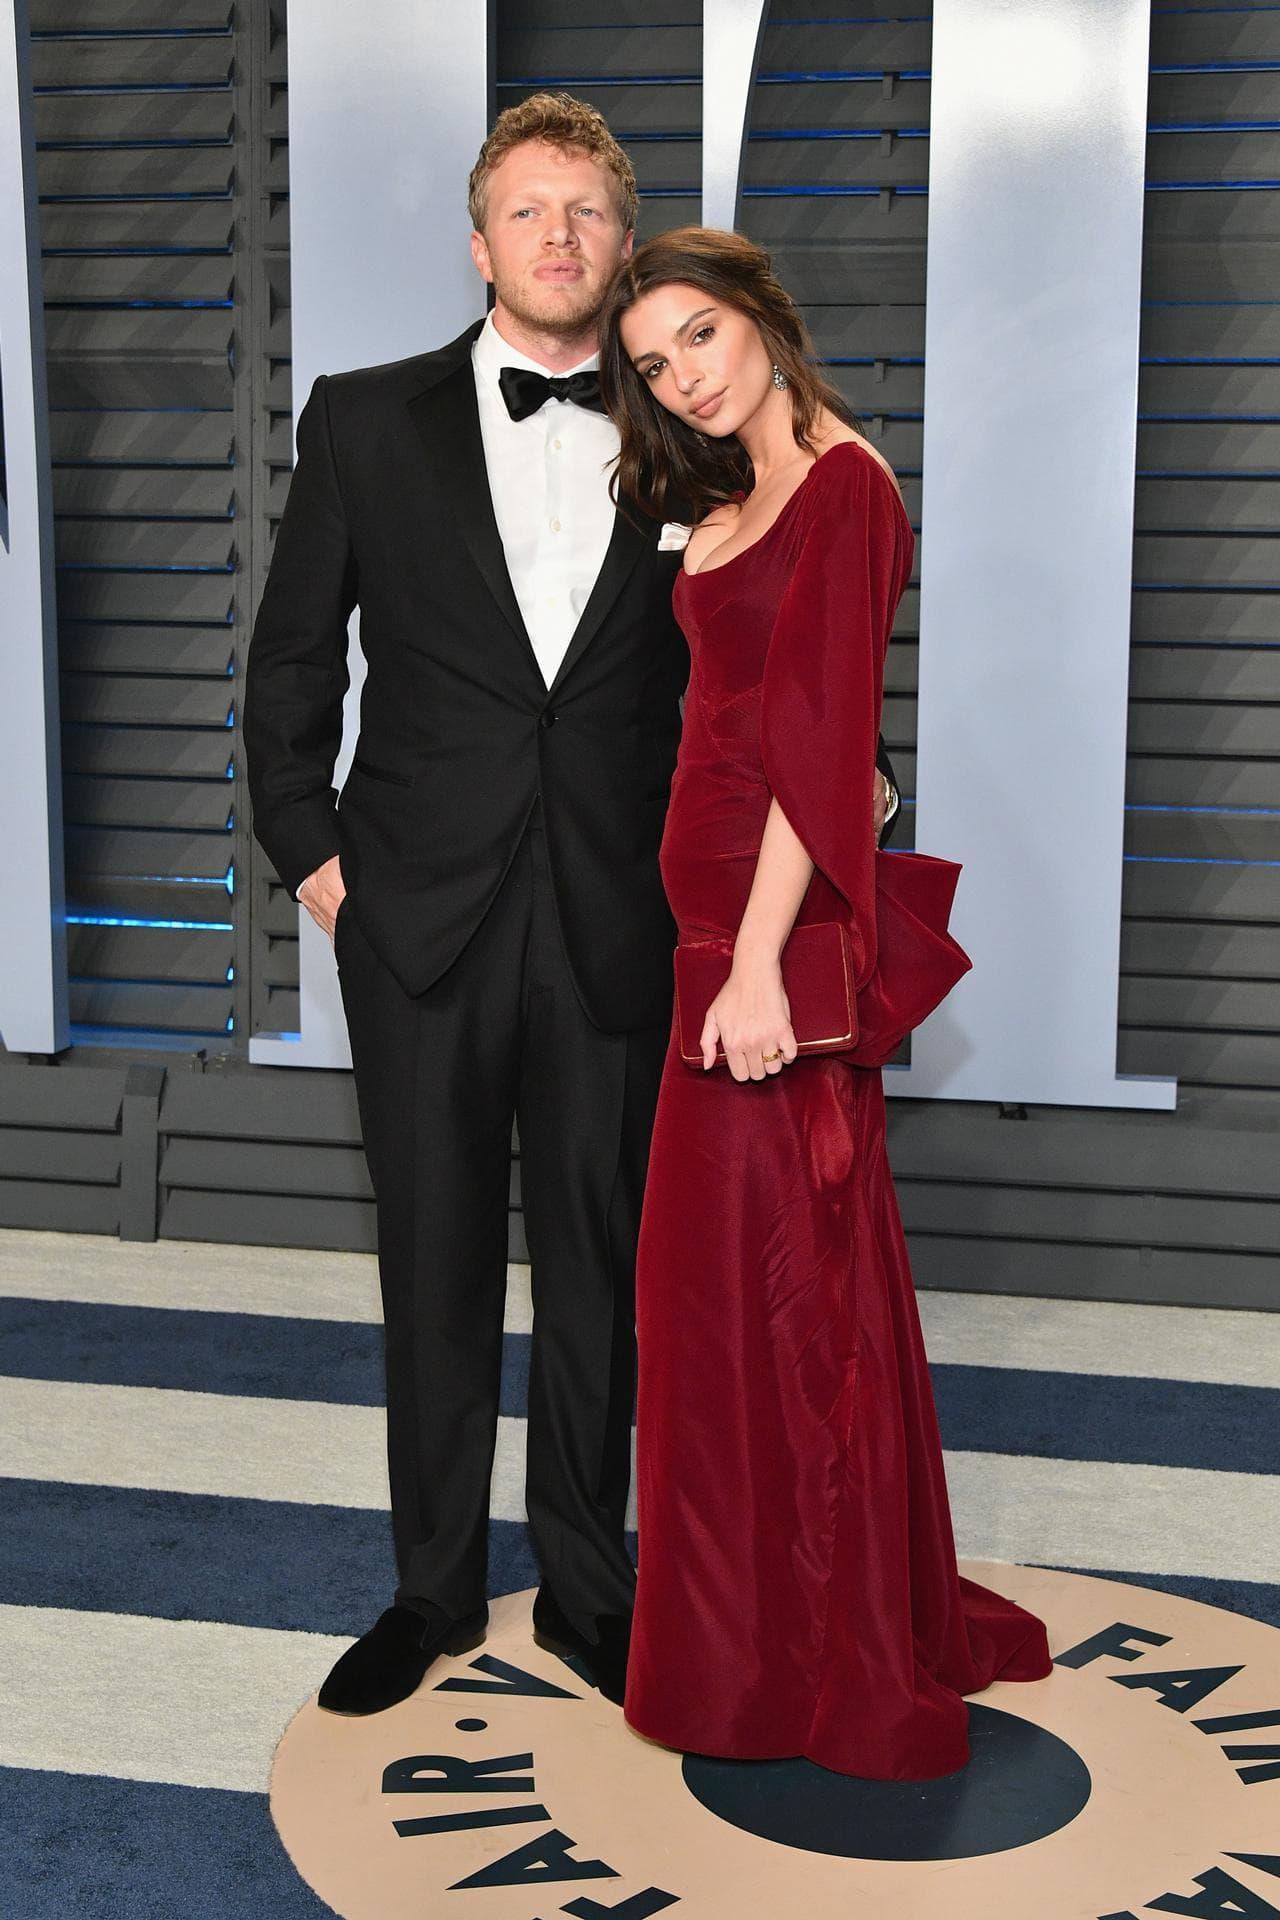 Emily Ratajkowaski with her husband